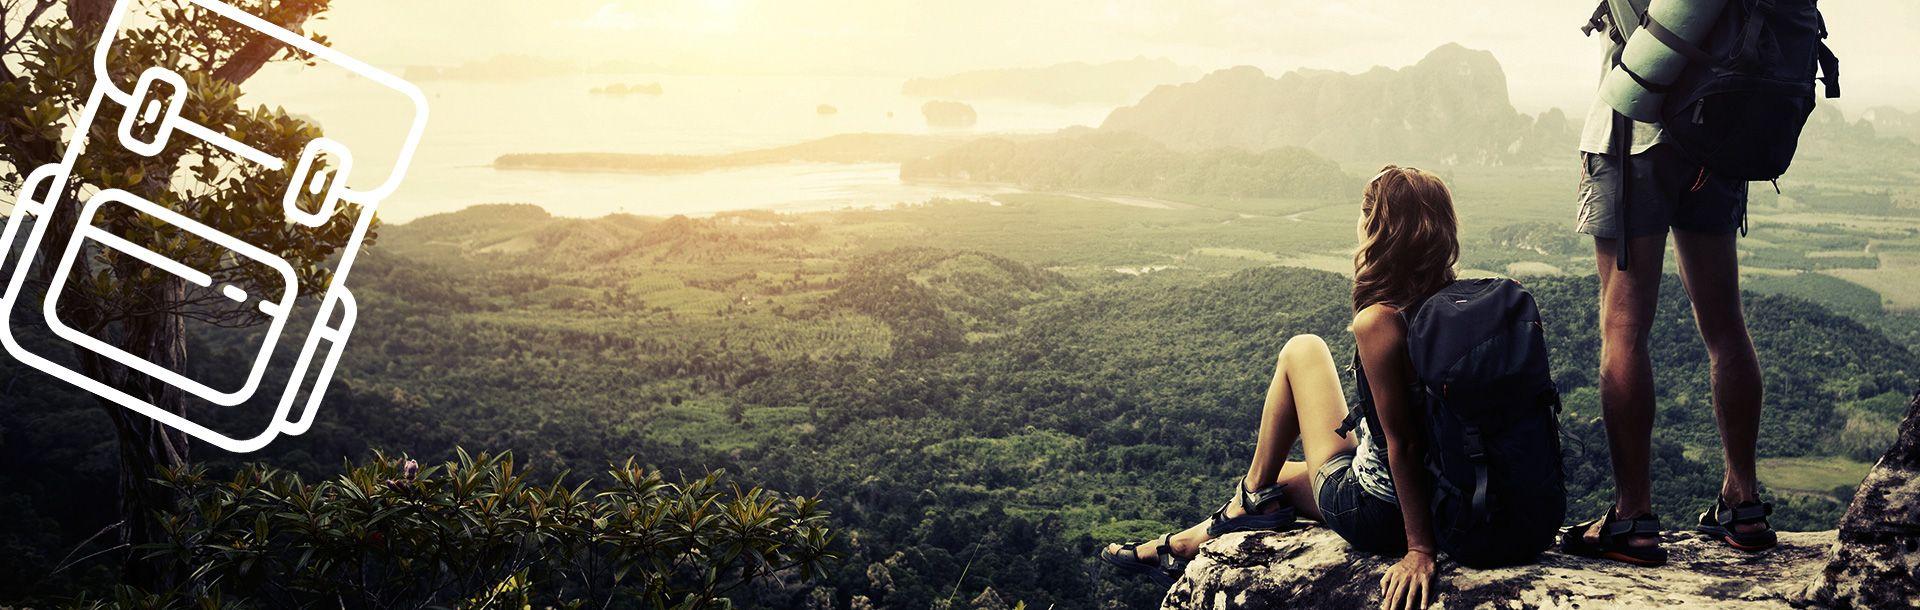 Sportur Travel: Follow your Passions